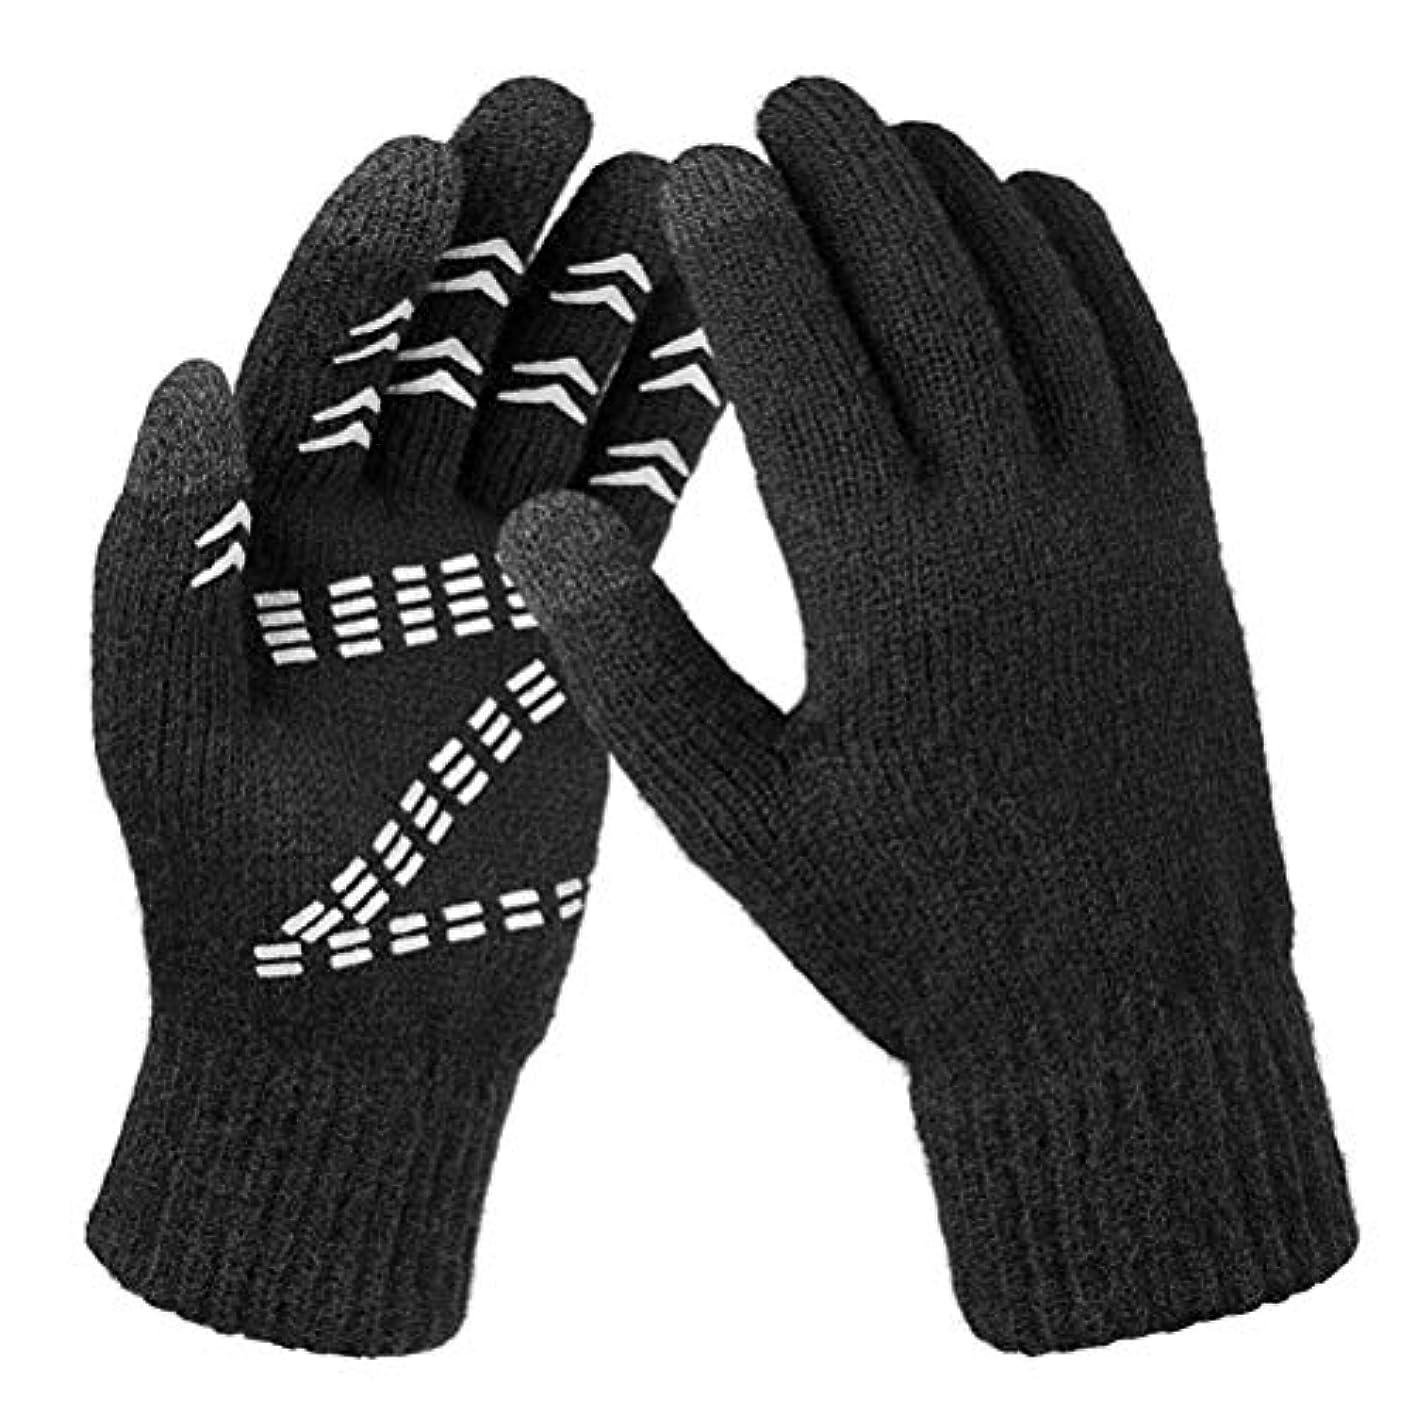 男贅沢前書きタッチスクリーンアウトドアスポーツカップルの手袋を持つ単純な冬の冬のニットグローブ、メンズ手袋冬の新手袋 (Color : A)